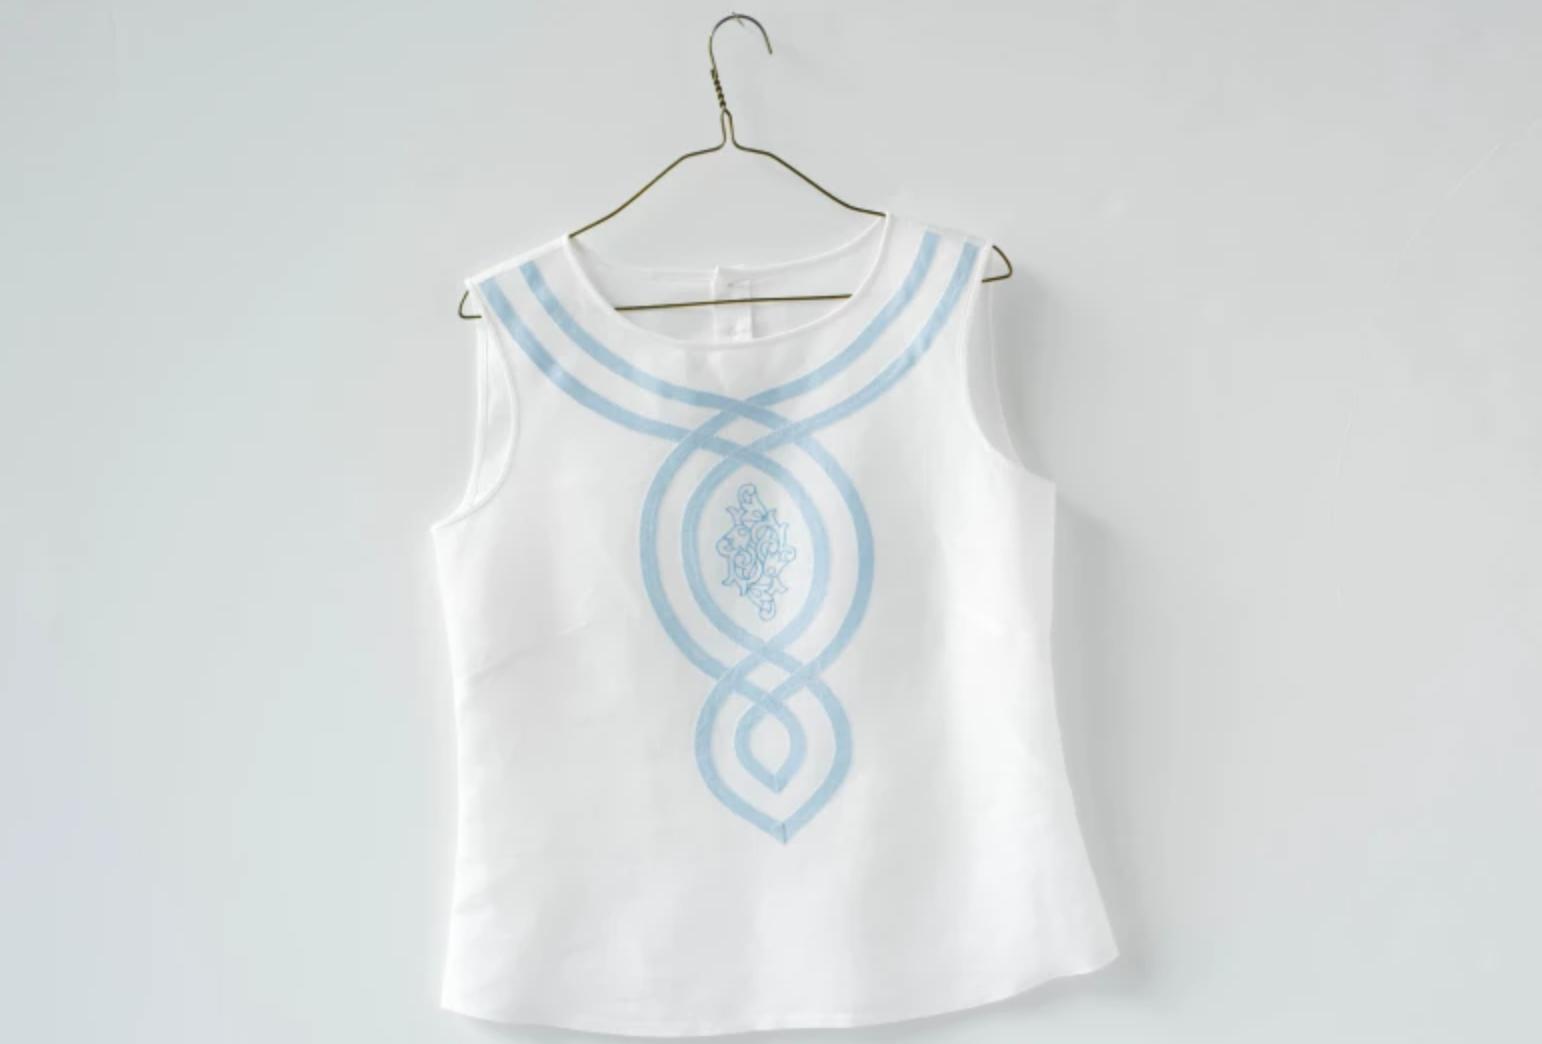 bias tape applique shirt design